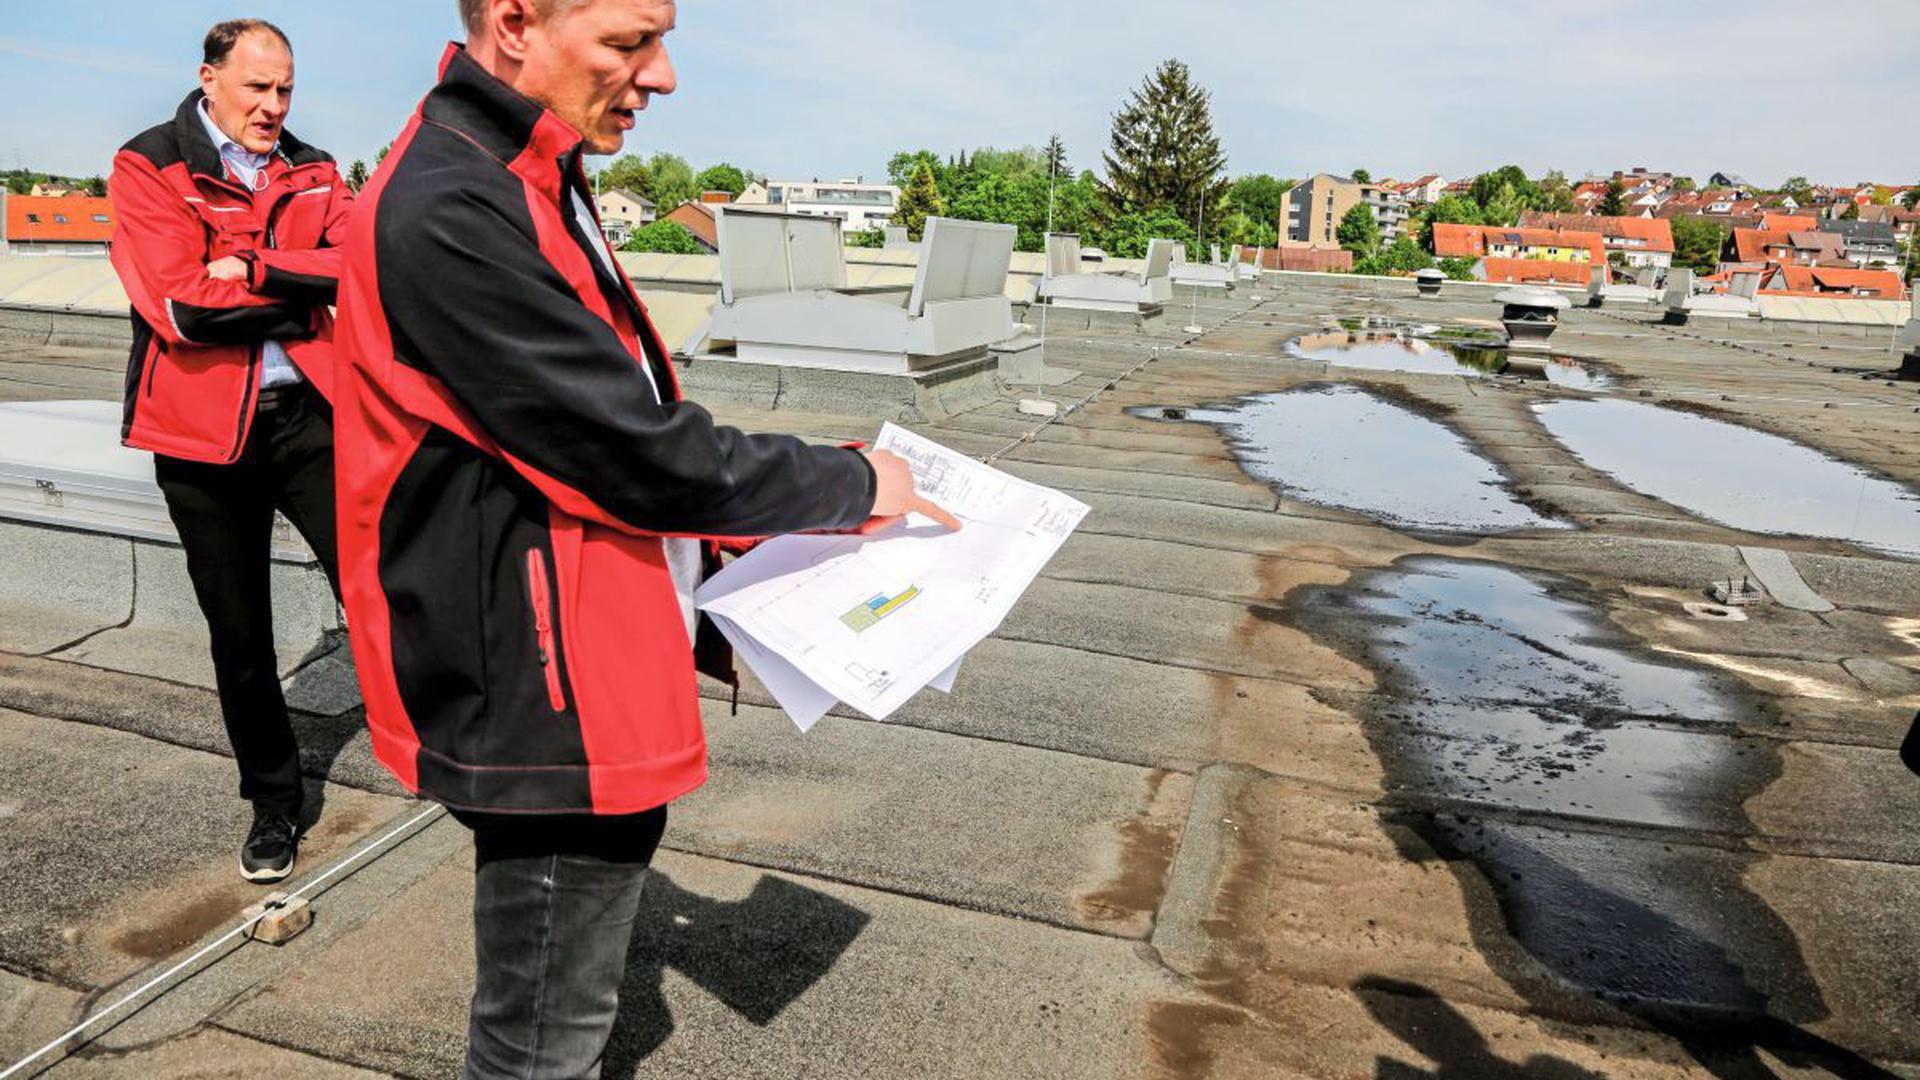 Jürgen Schaub und Martin Hartmann, Vertreter der Firma BSH/Neff, stehen auf dem Dach des Presswerks an dem Standort der künftigen Lüftungsanlage. Im Hintergrund ist das Wohngebiet zu sehen, in dem die Anwohner weiteren Lärm fürchten.